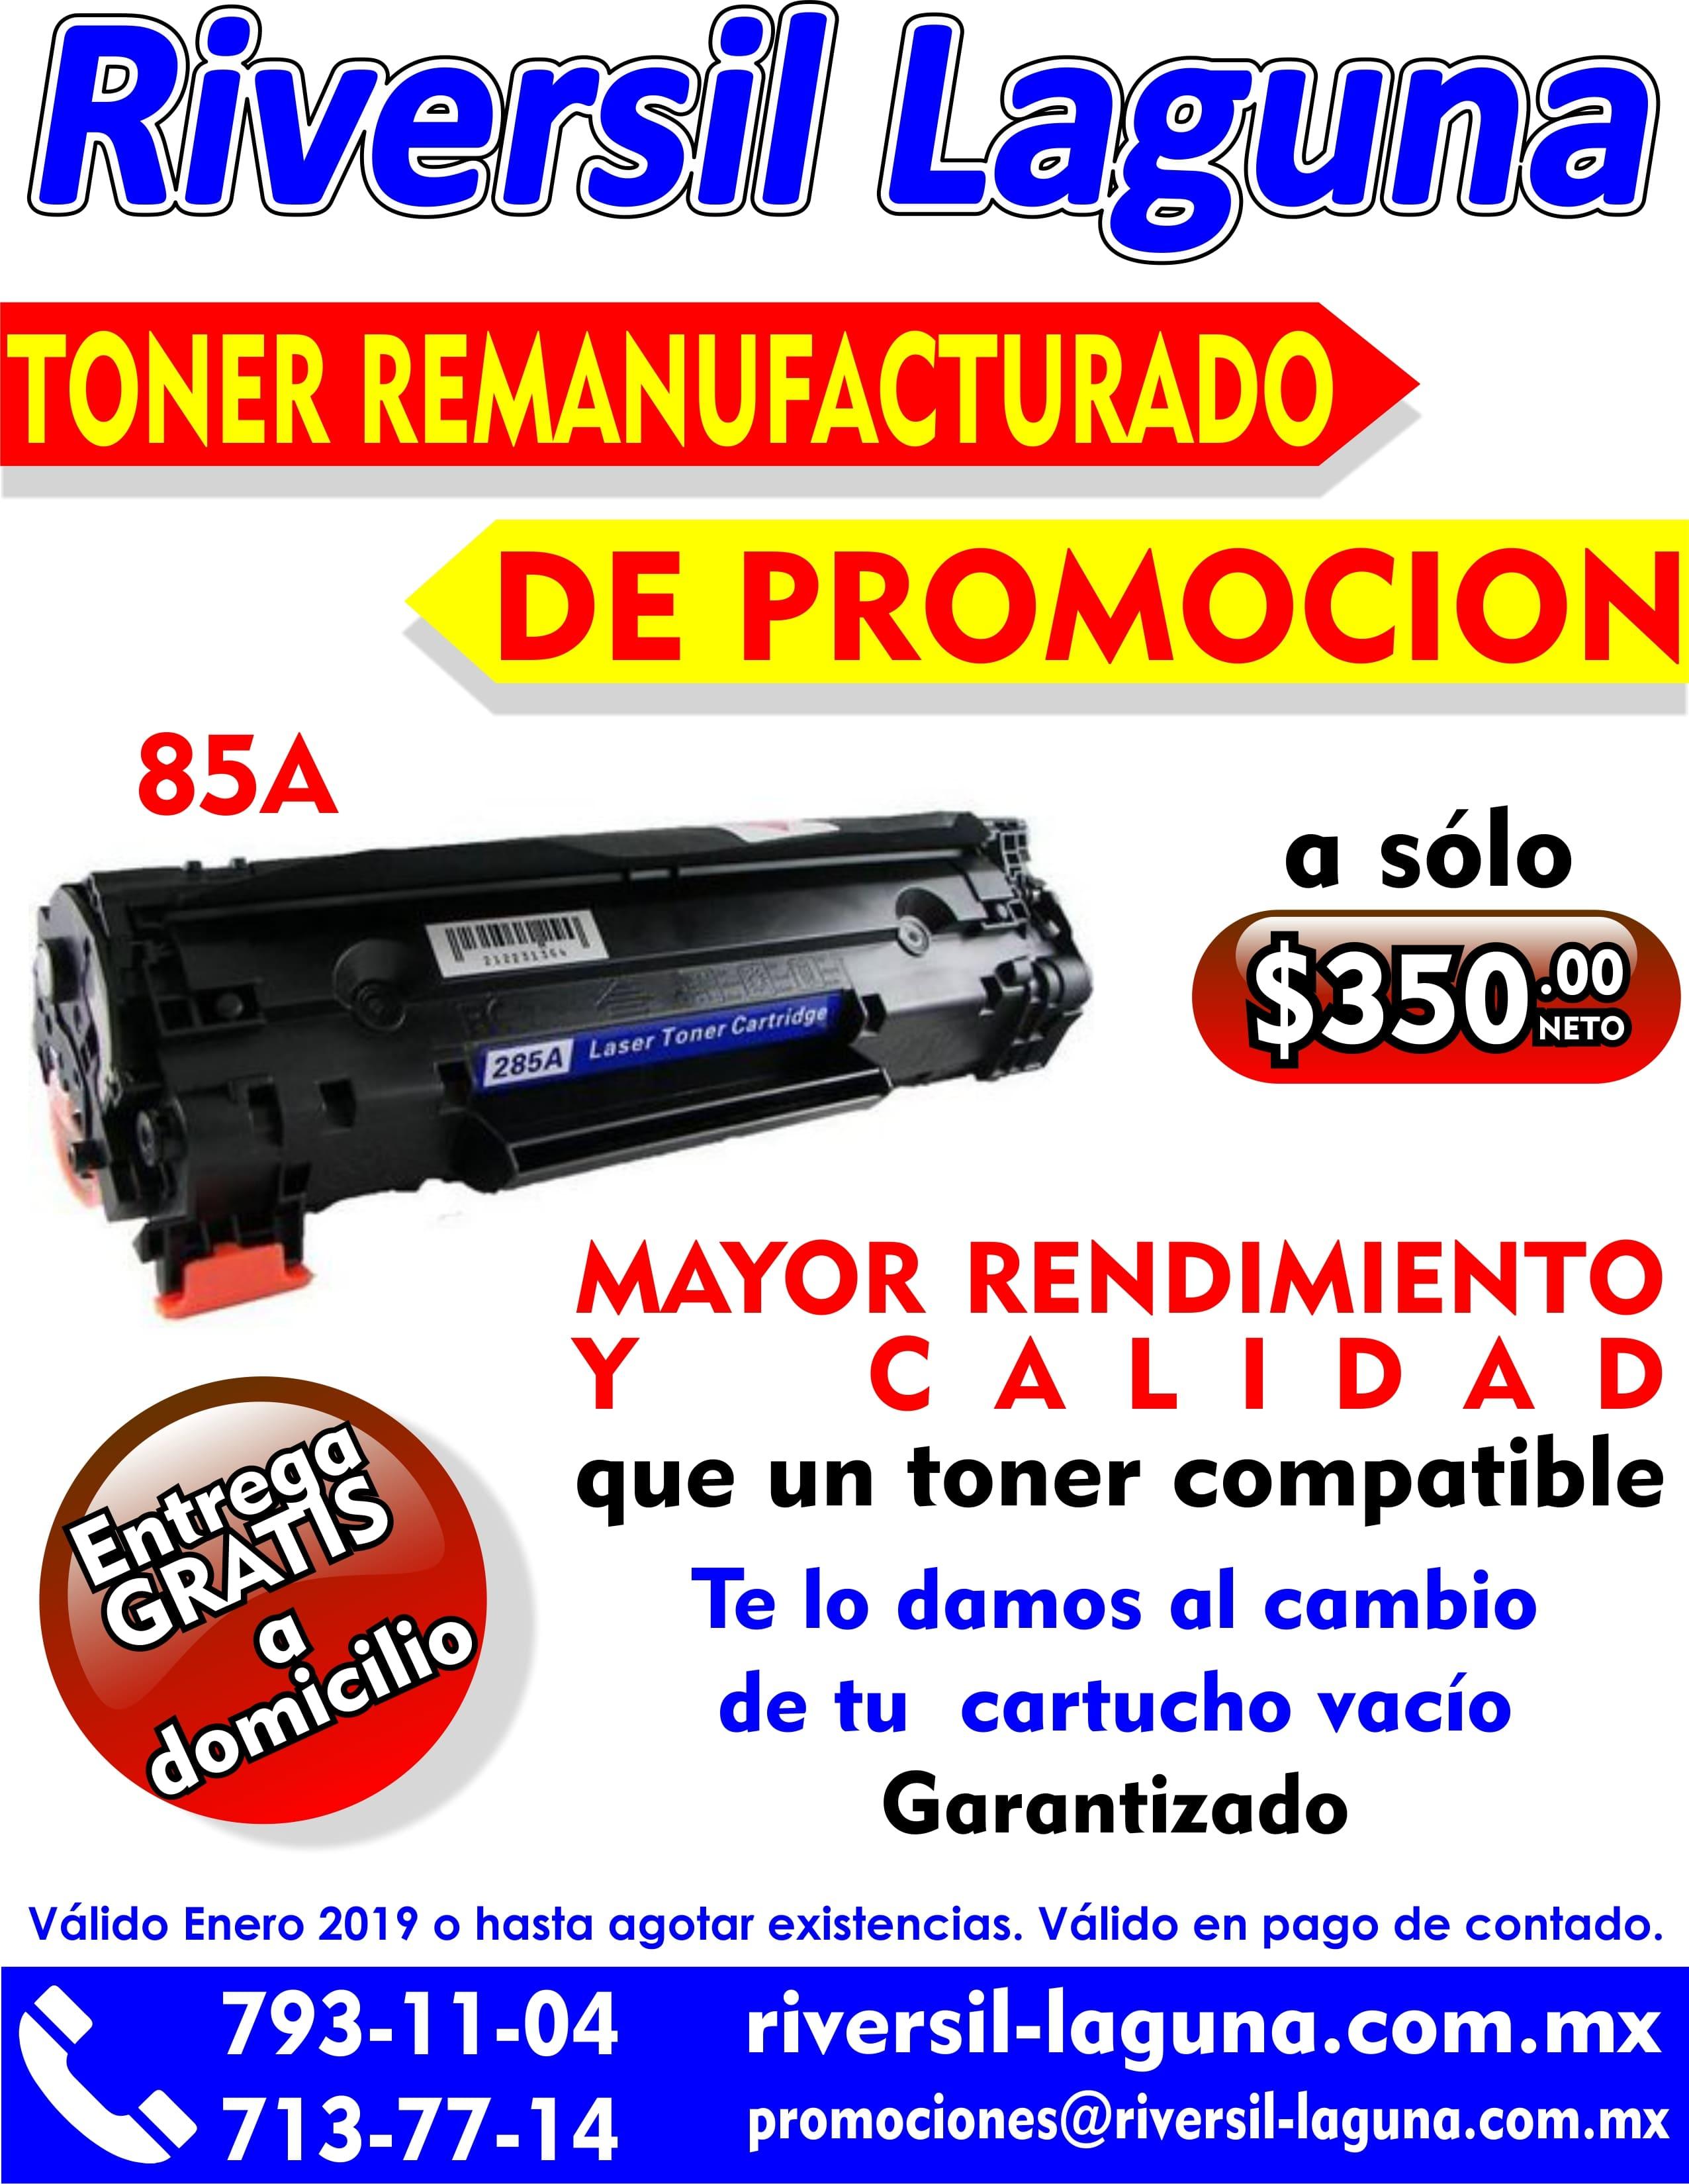 TONER REMANUFACTURADO 85A